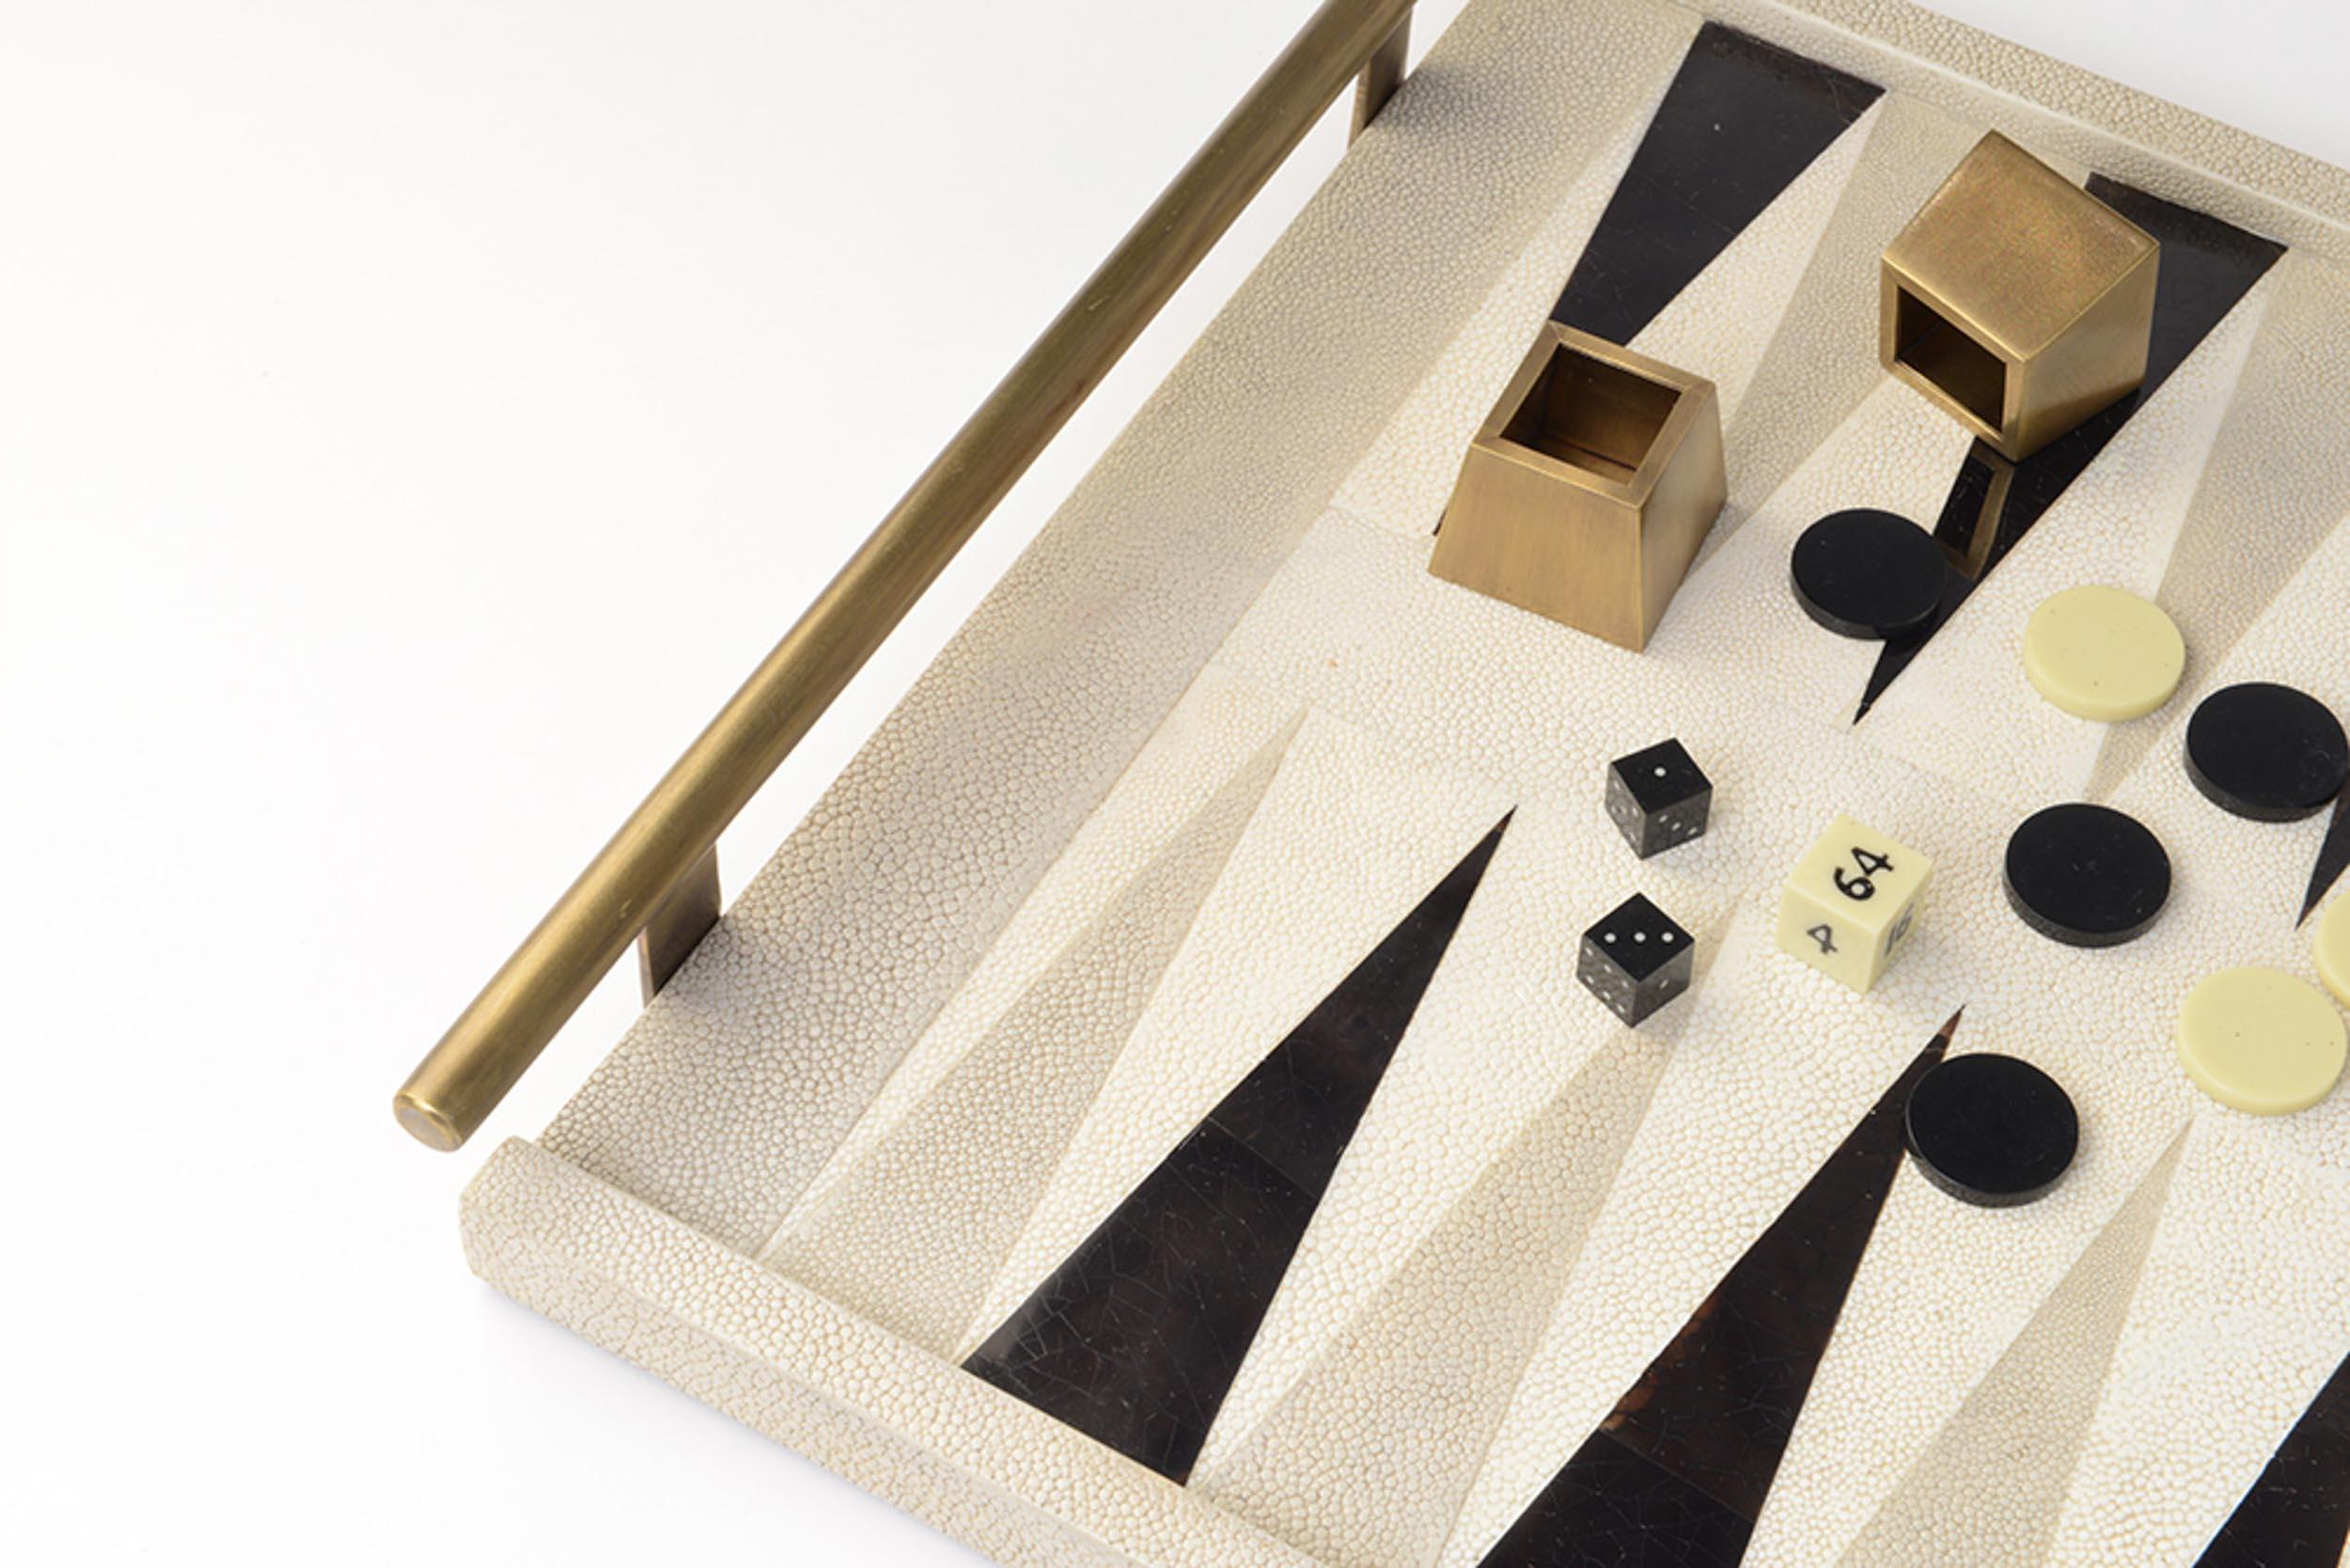 kifu-paris-games-game